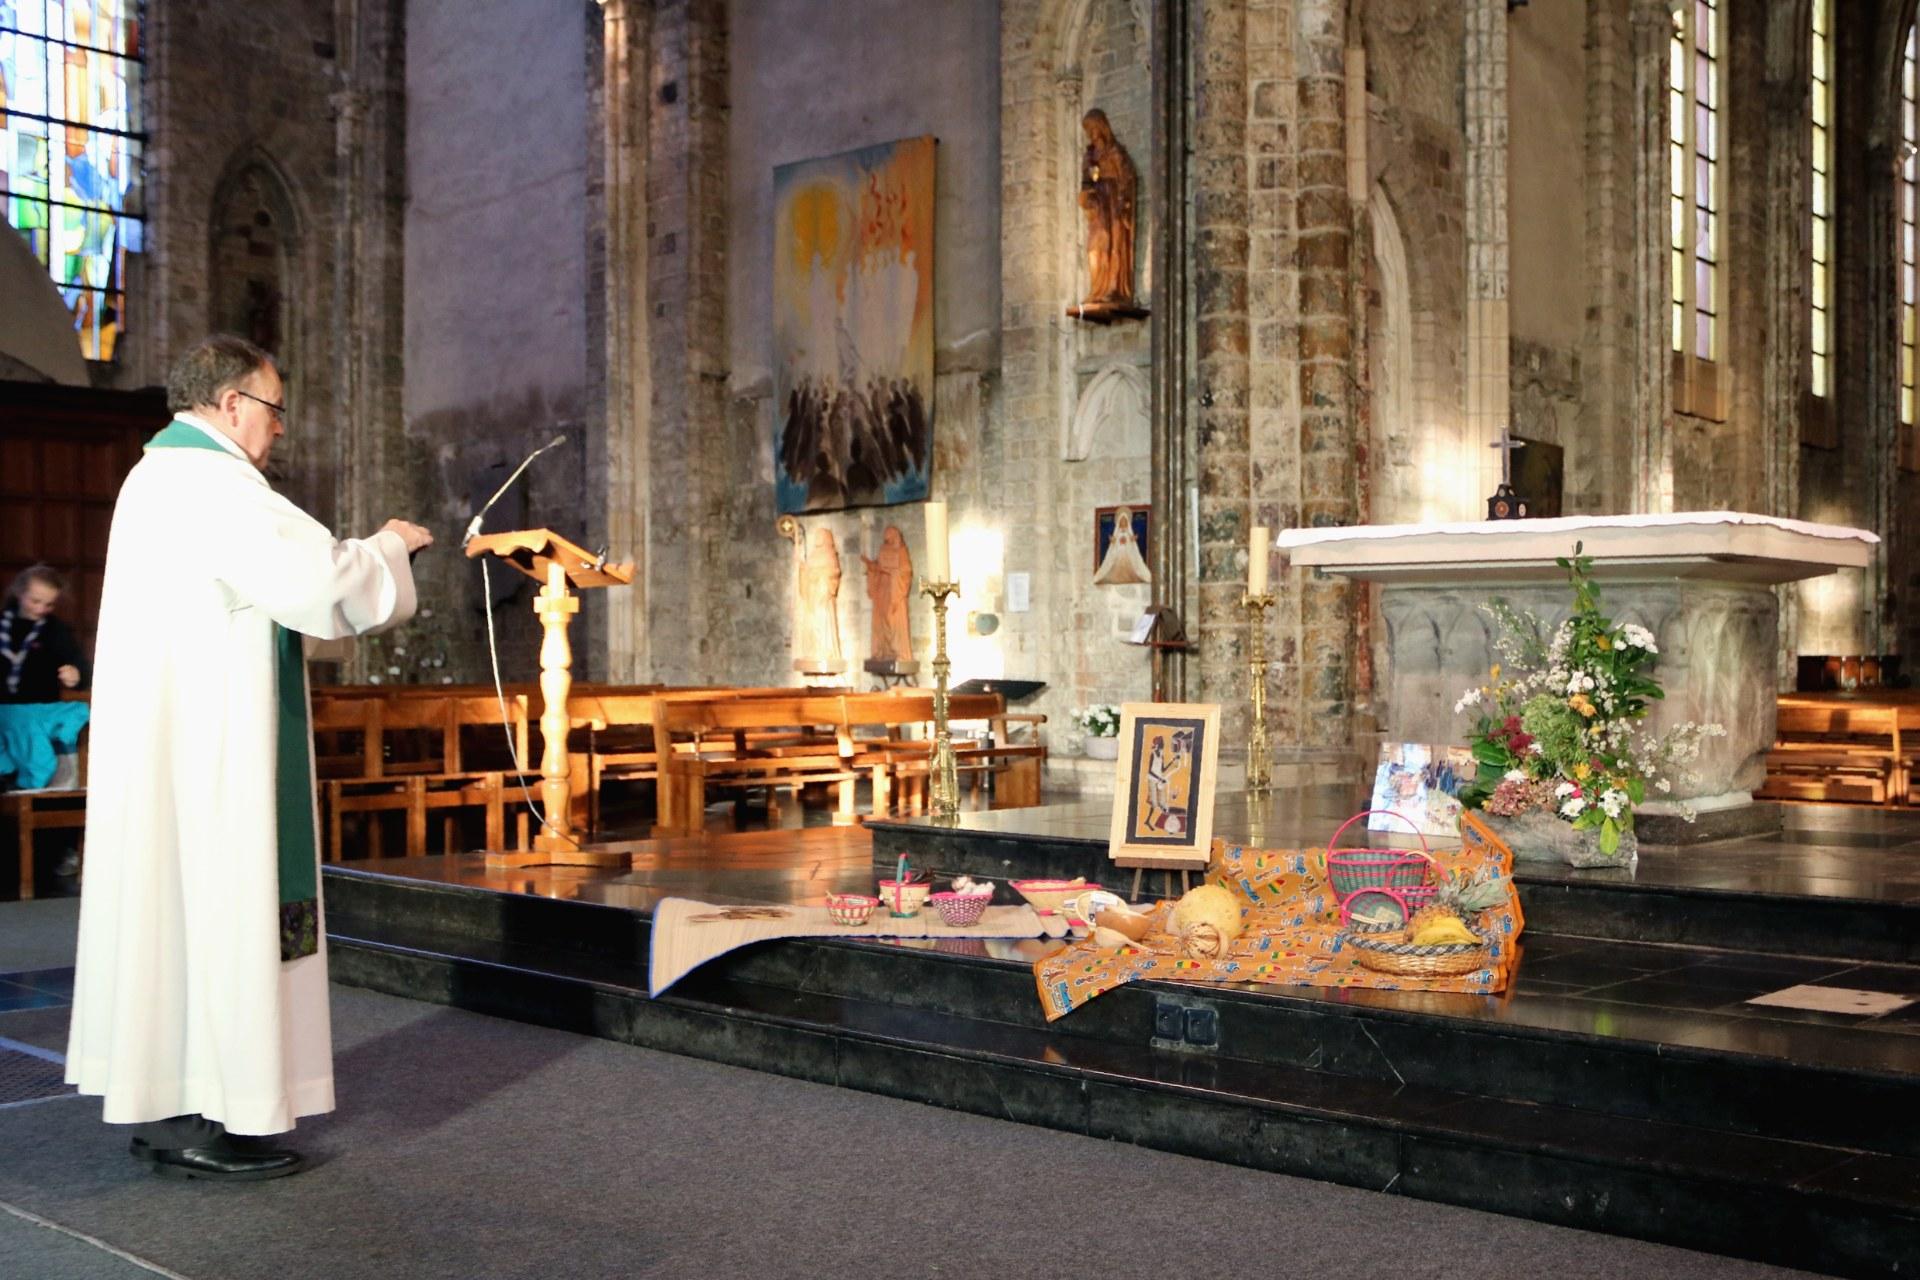 1710_JMM_Messe anticipée église ND 1